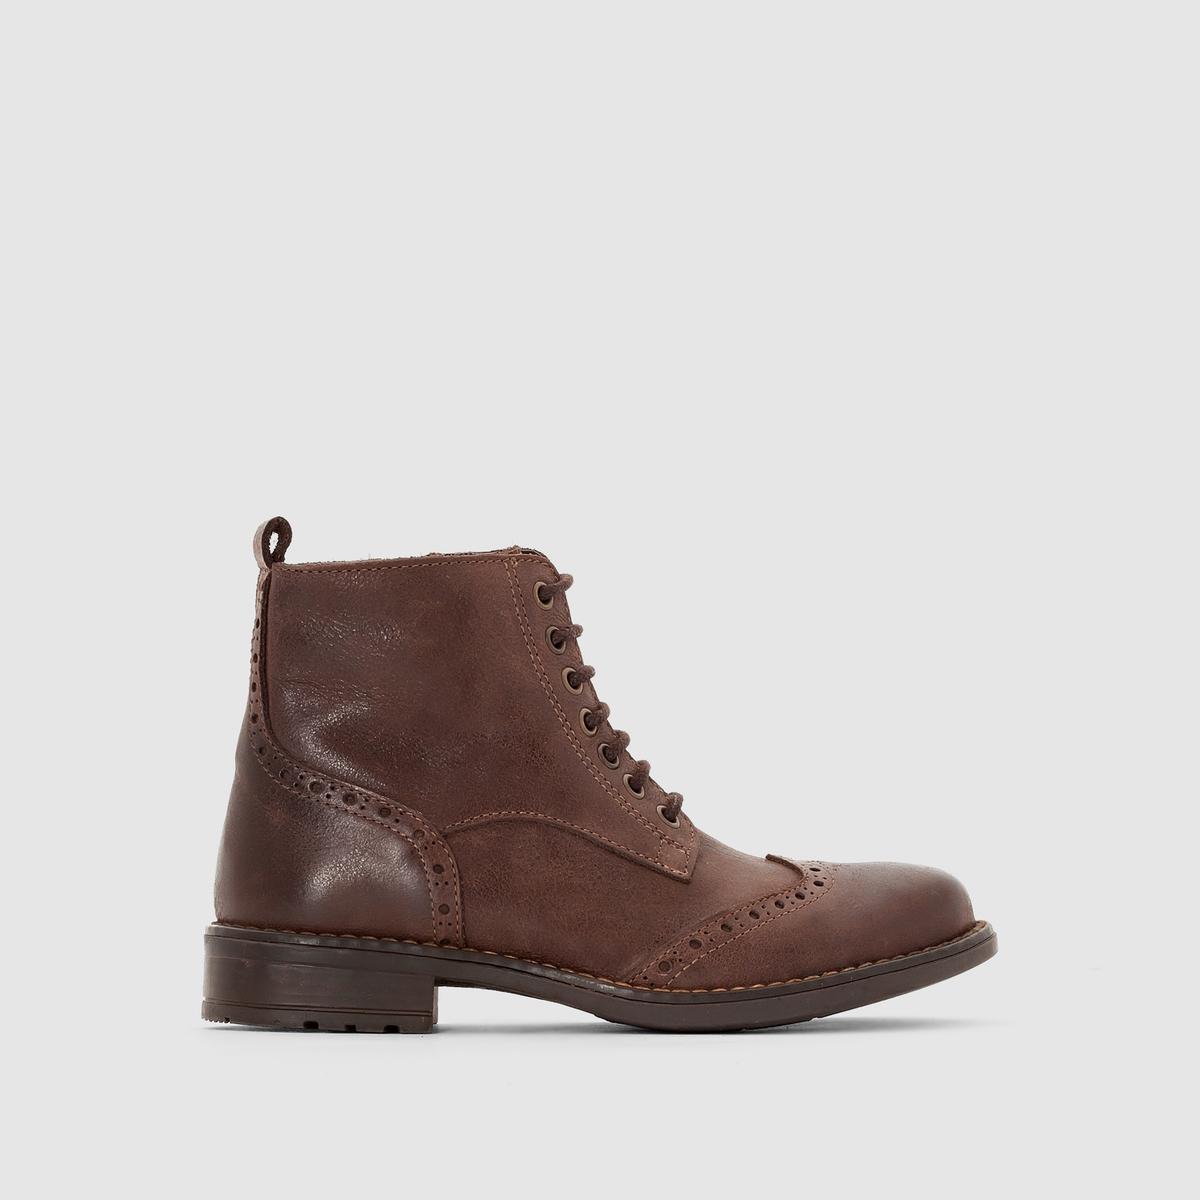 Ботинки из патинированной кожиПерфорированный мысок, красивая патинированная кожа, изысканный городской стиль : ботинки в современном и ретро-стиле, которые понравятся нашим детям !<br><br>Цвет: темно-бежевый<br>Размер: 28